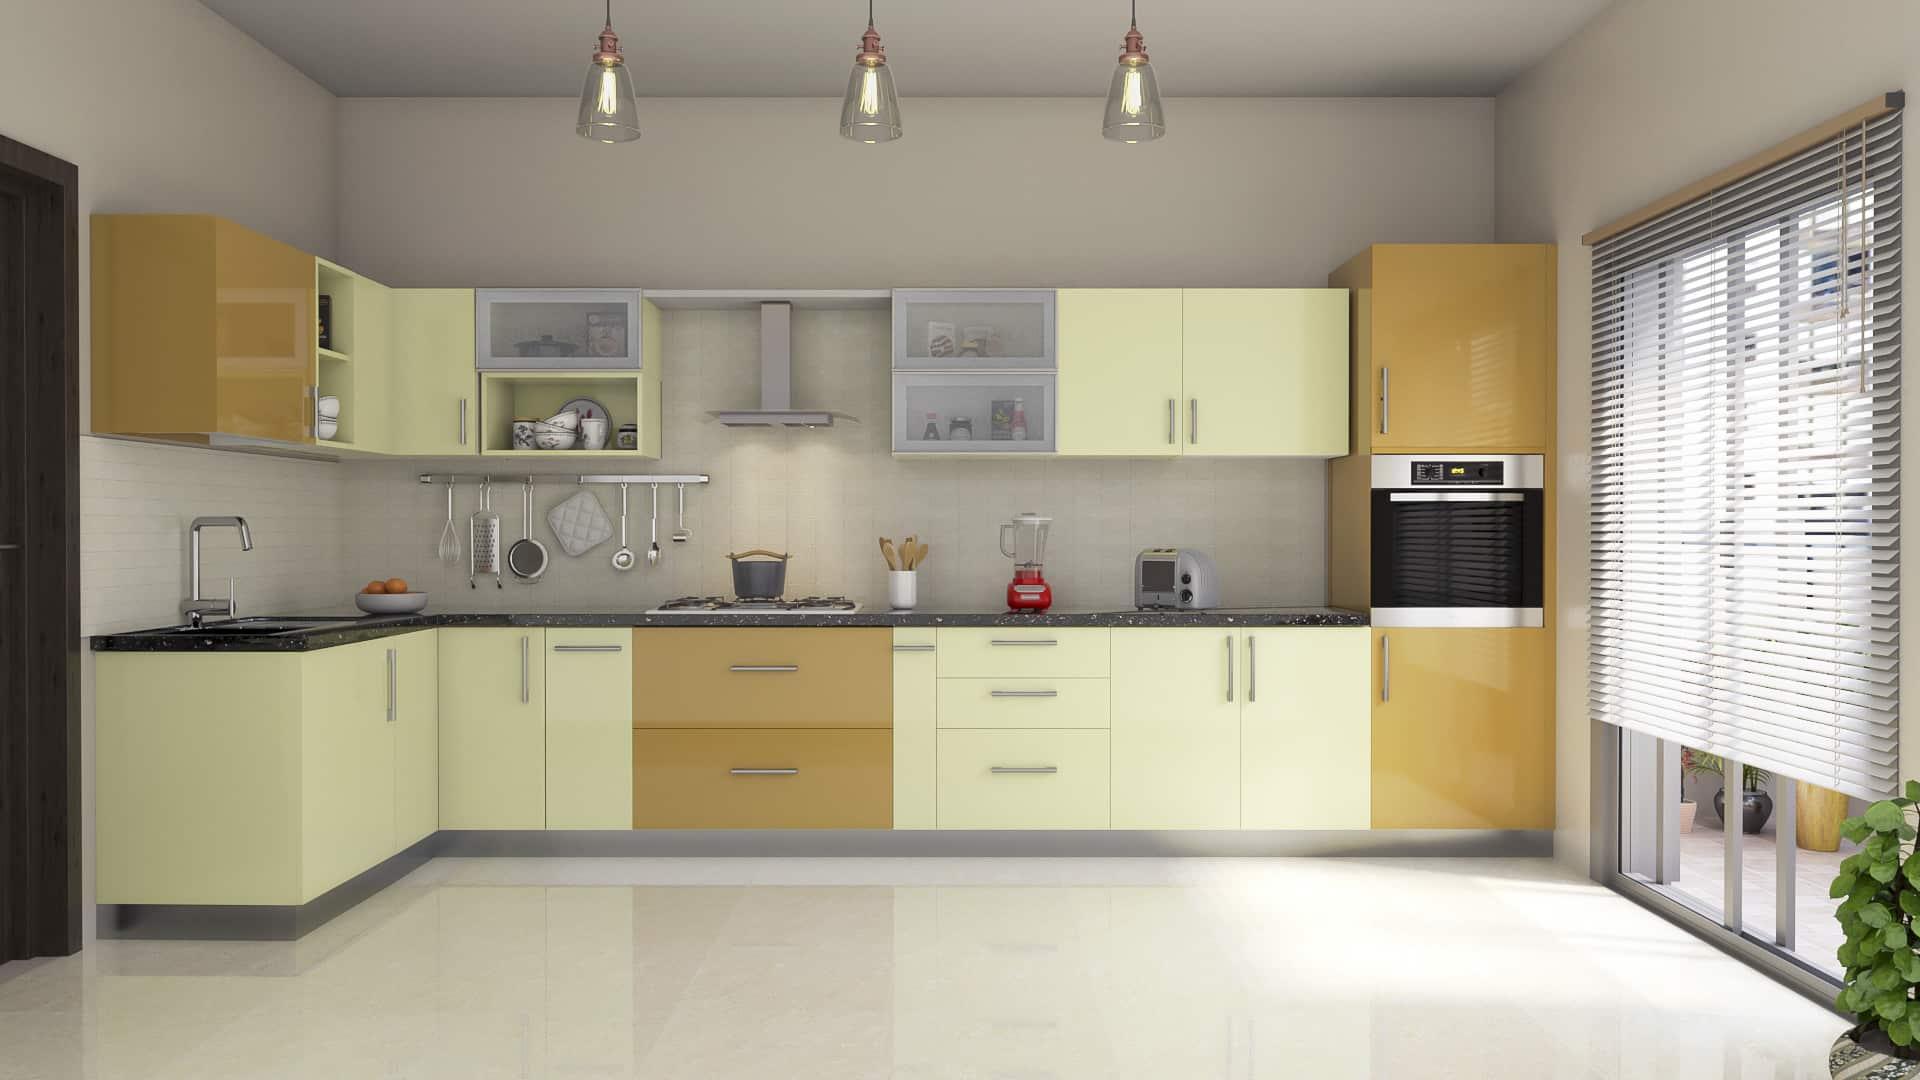 Indian House Design with a Modern Kitchen   Best Modular Kitchen ...